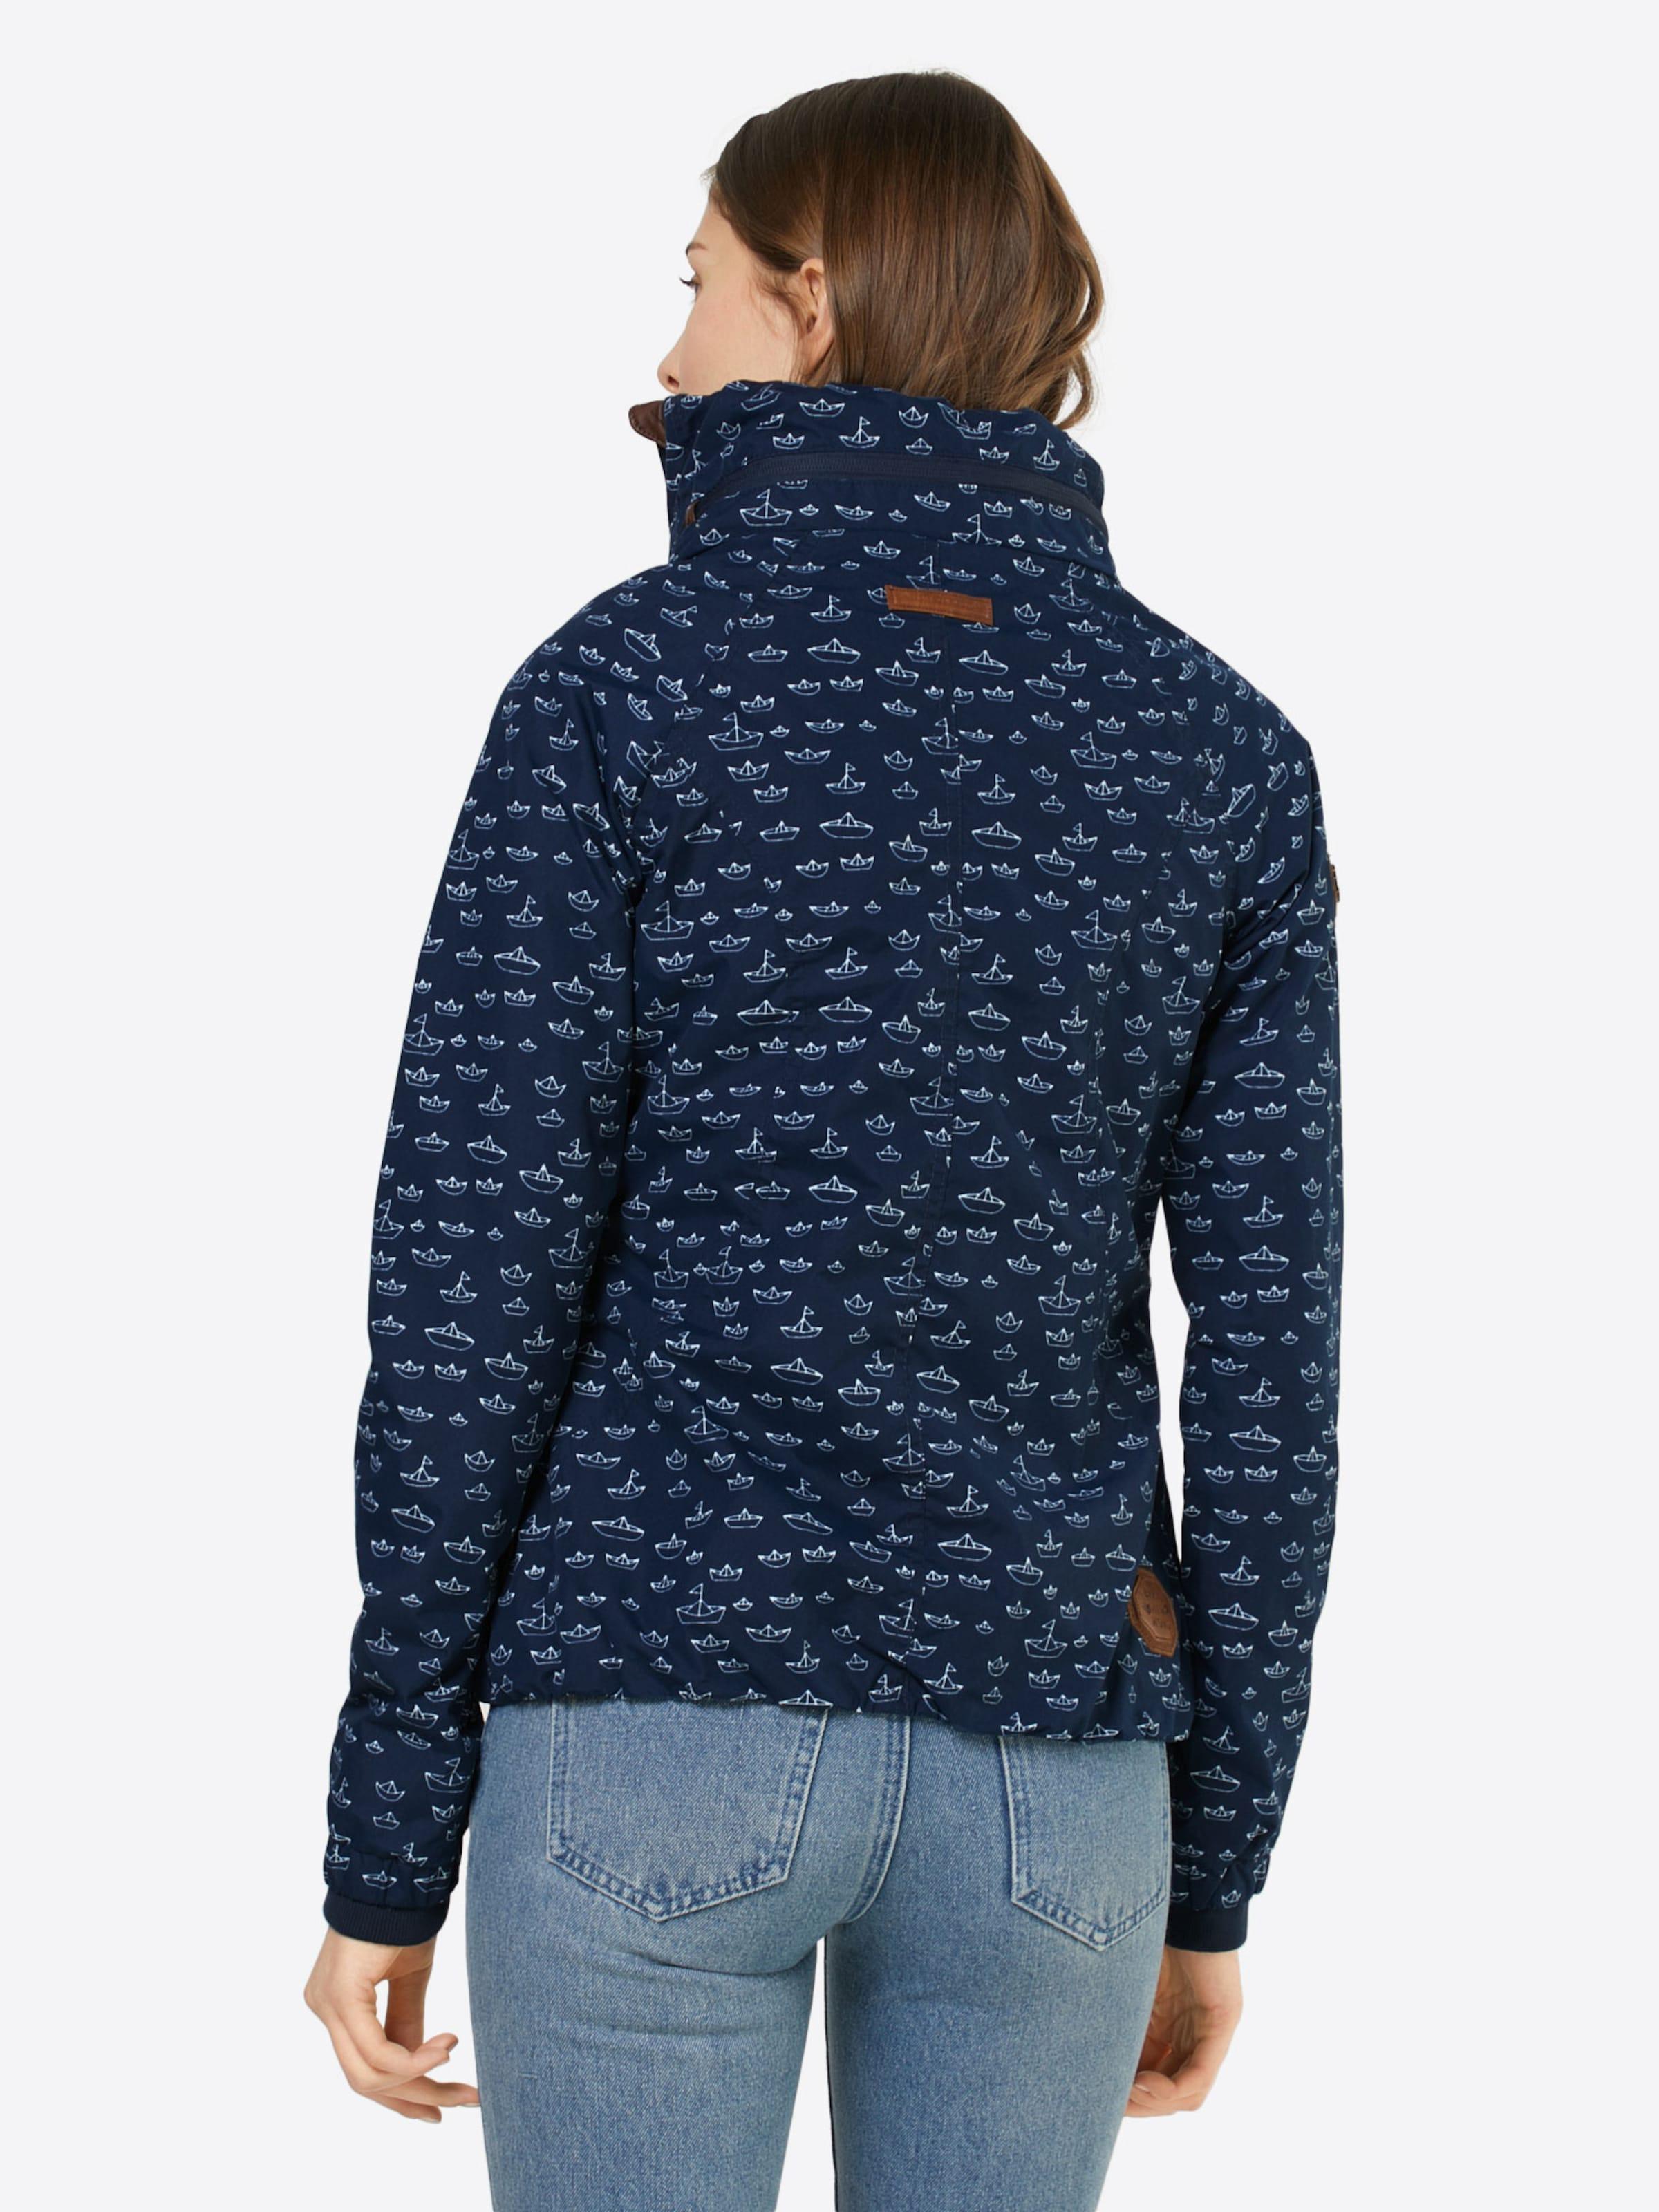 Schnelle Lieferung Zu Verkaufen naketano Jacke mit Anker-Print Heißen Verkauf Online Erkunden Freies Verschiffen Kauf Spielraum Schnelle Lieferung g1YqRltFa